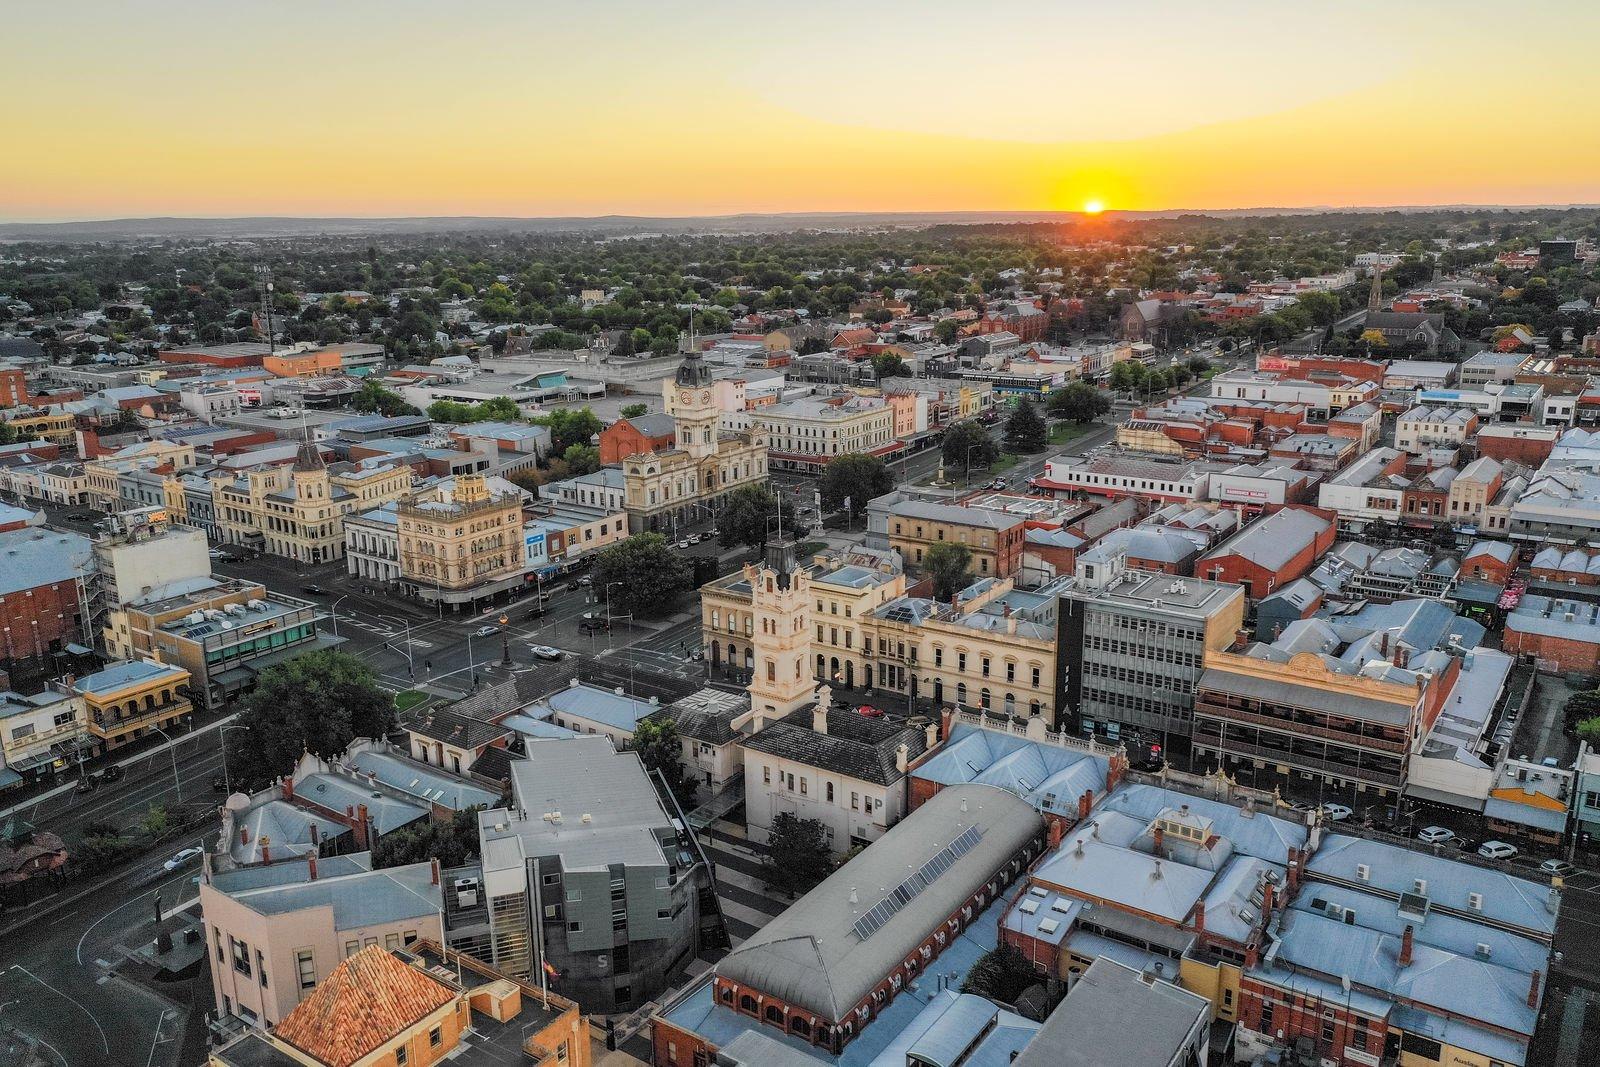 Ballarat aerial